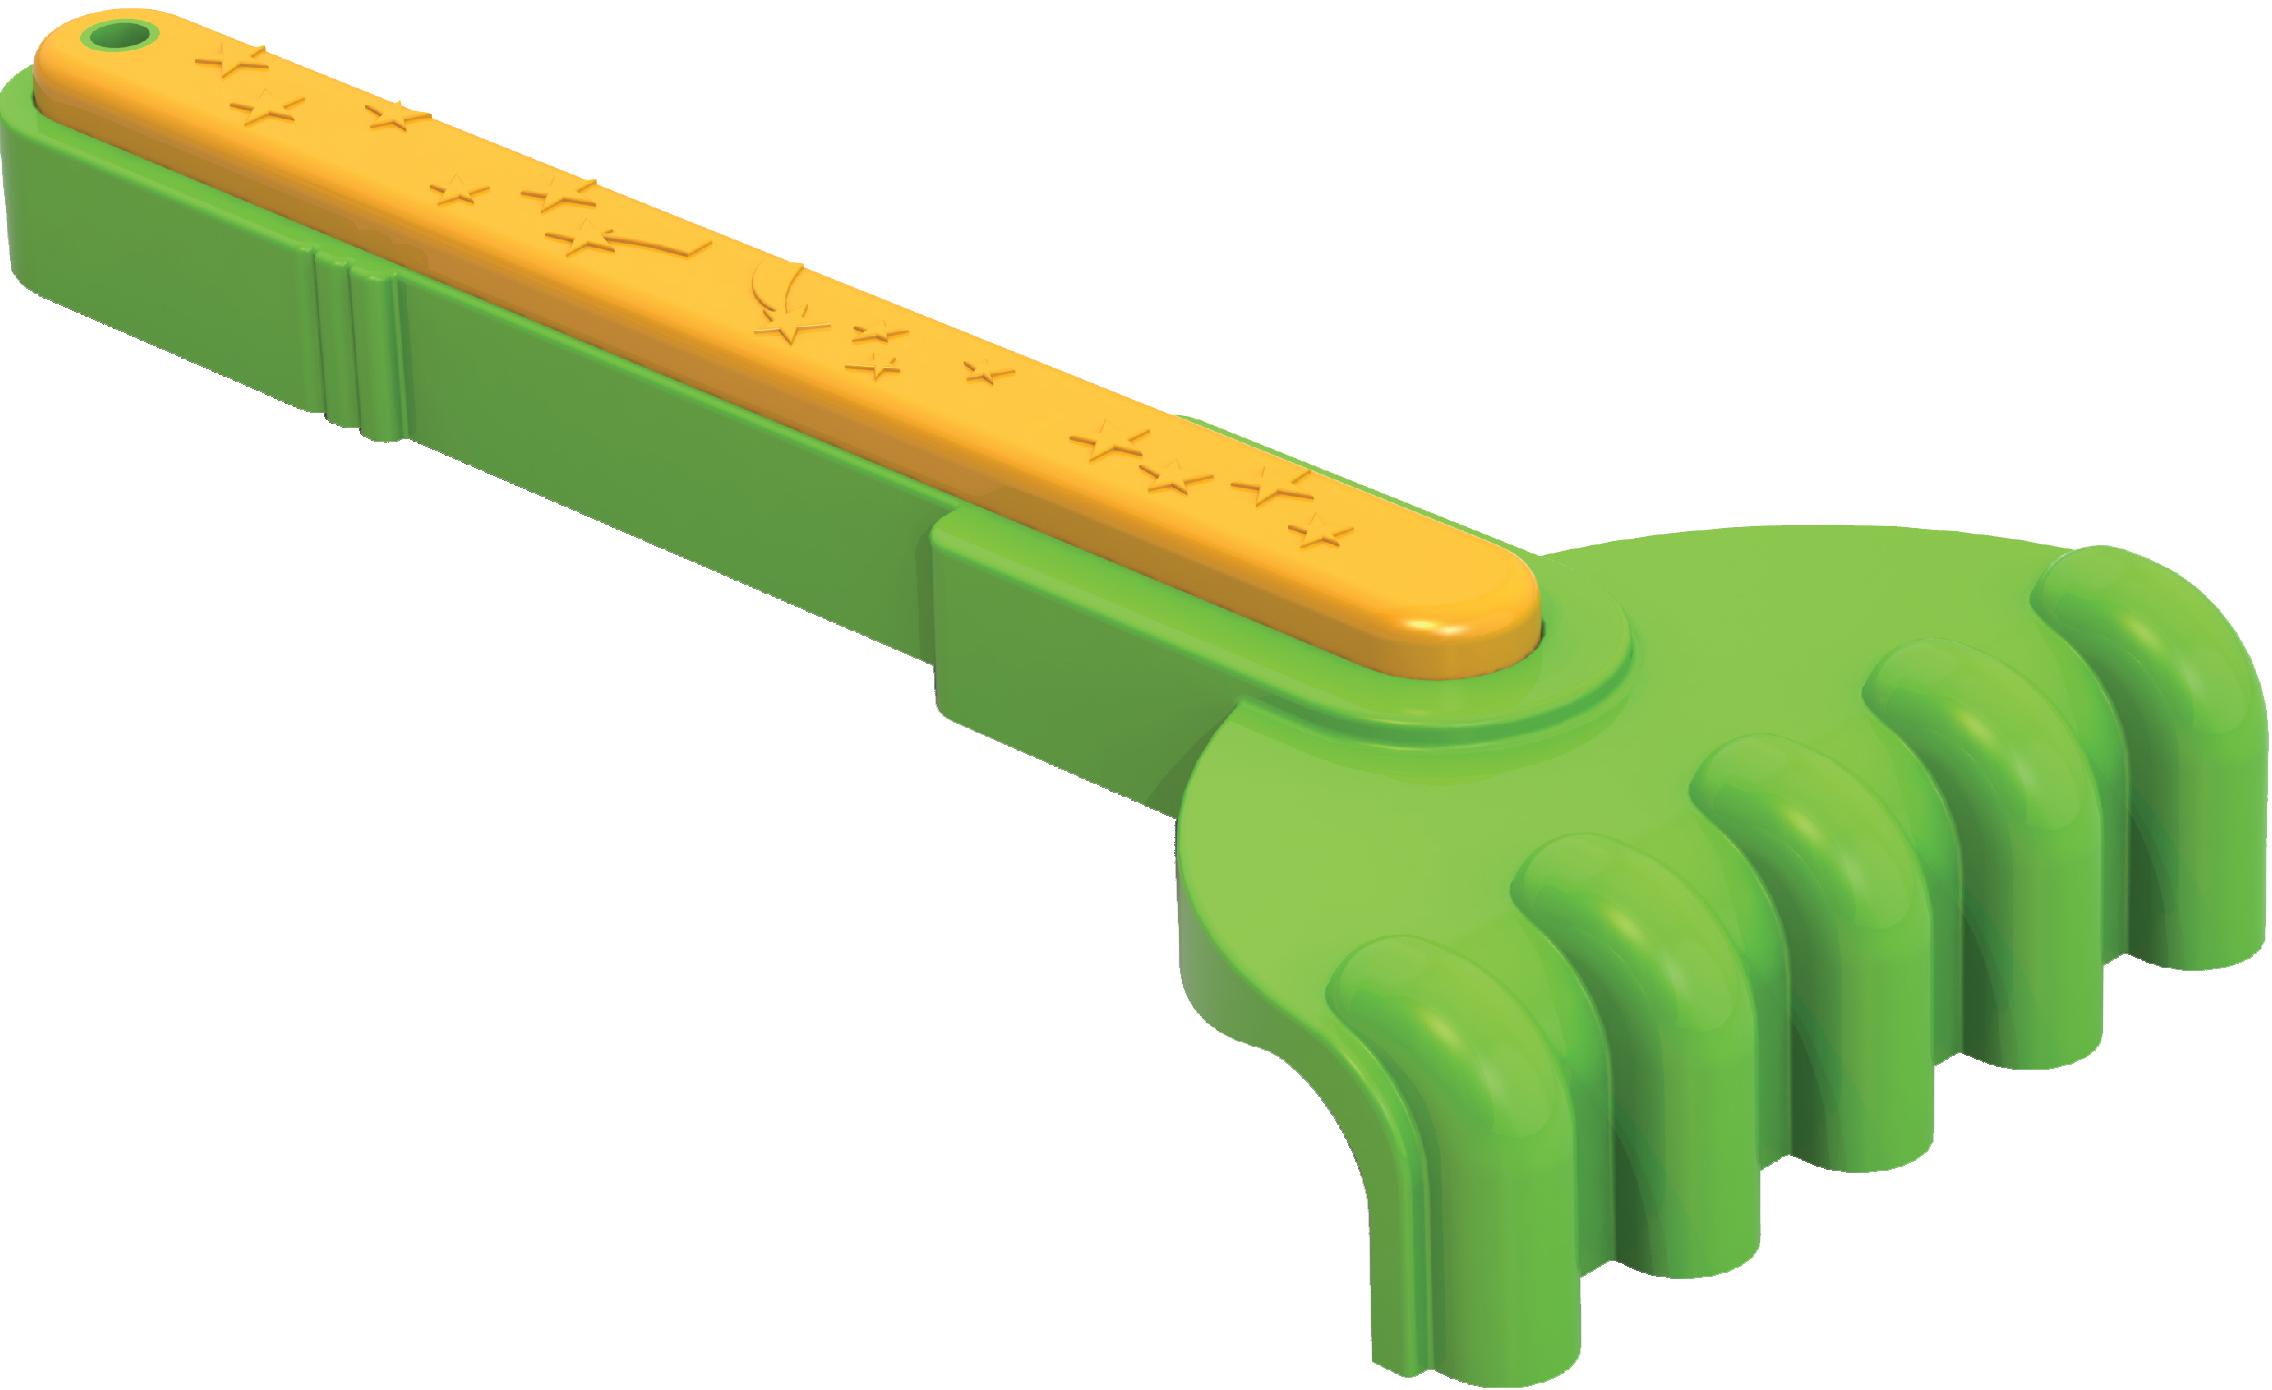 Игрушки для песка Нордпласт Нордпласт со вставкой нордпласт нордпласт мусоровоз цвет в ассортименте